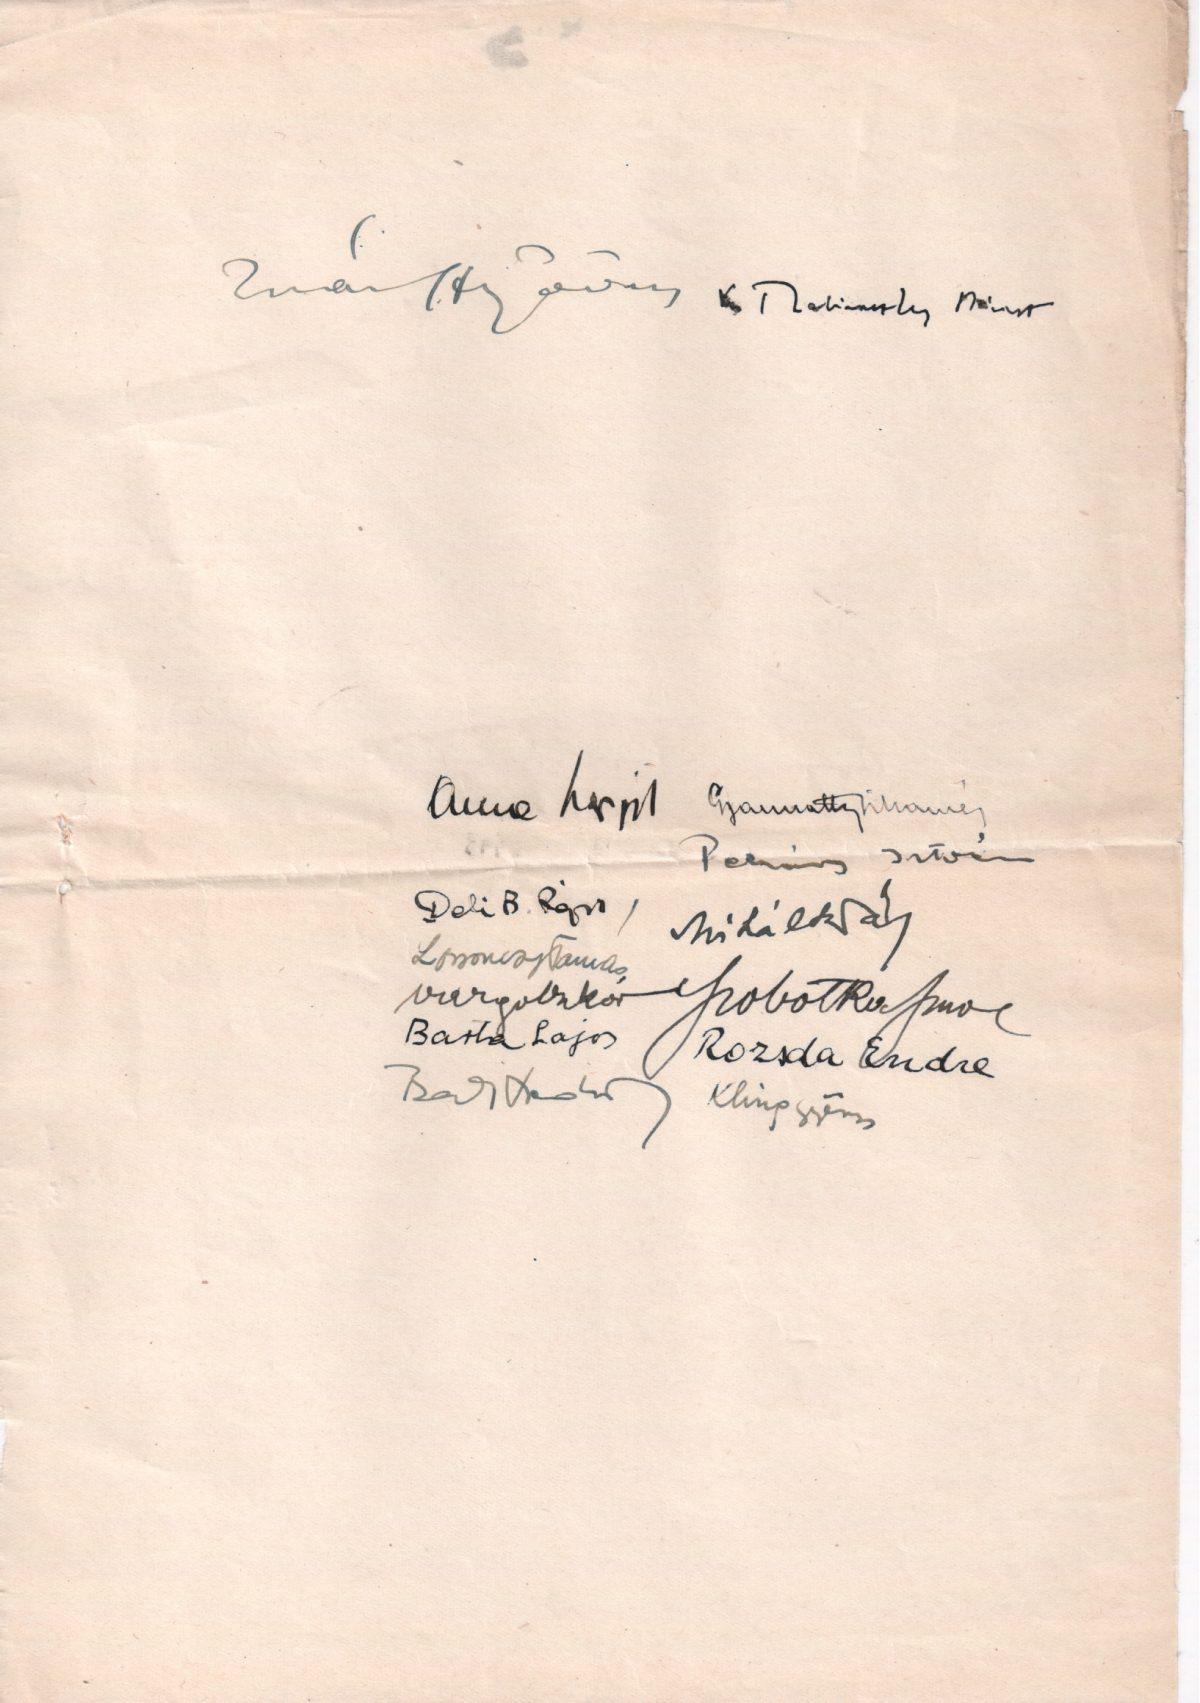 1946-08-06 Miniszterelnök Úrnak